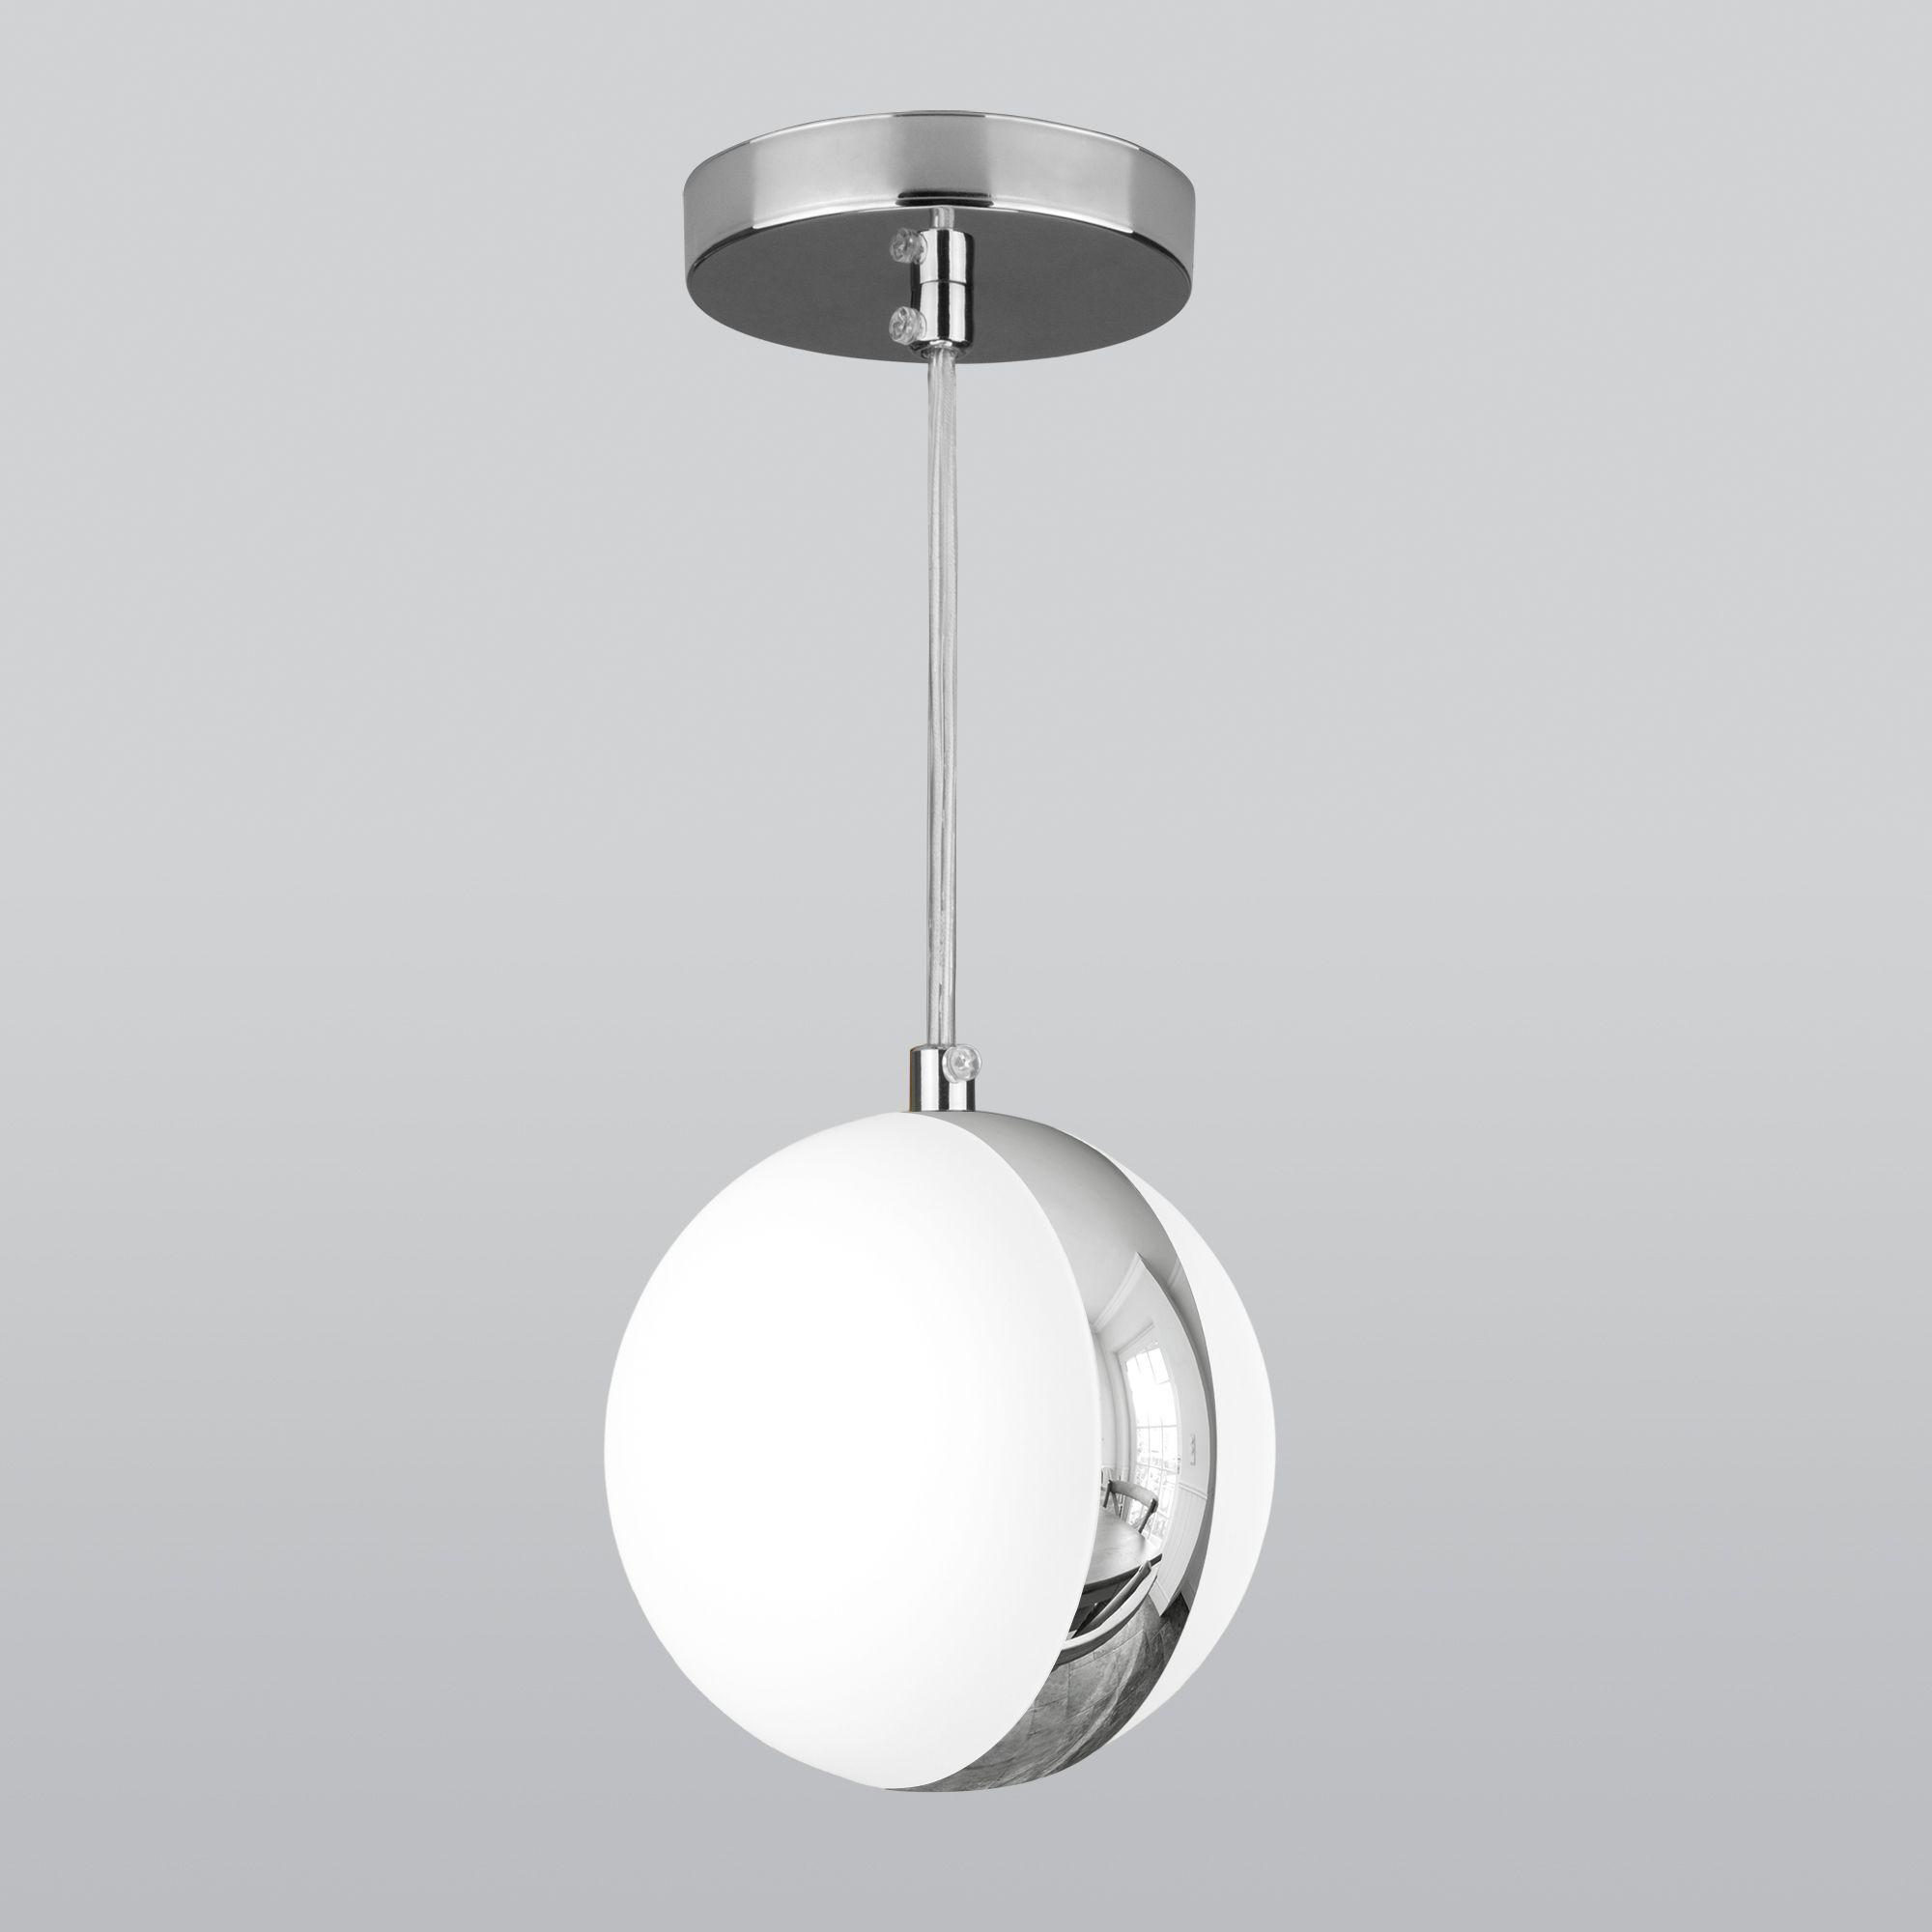 Подвесной светильник DLN050 GX53 белый/хром